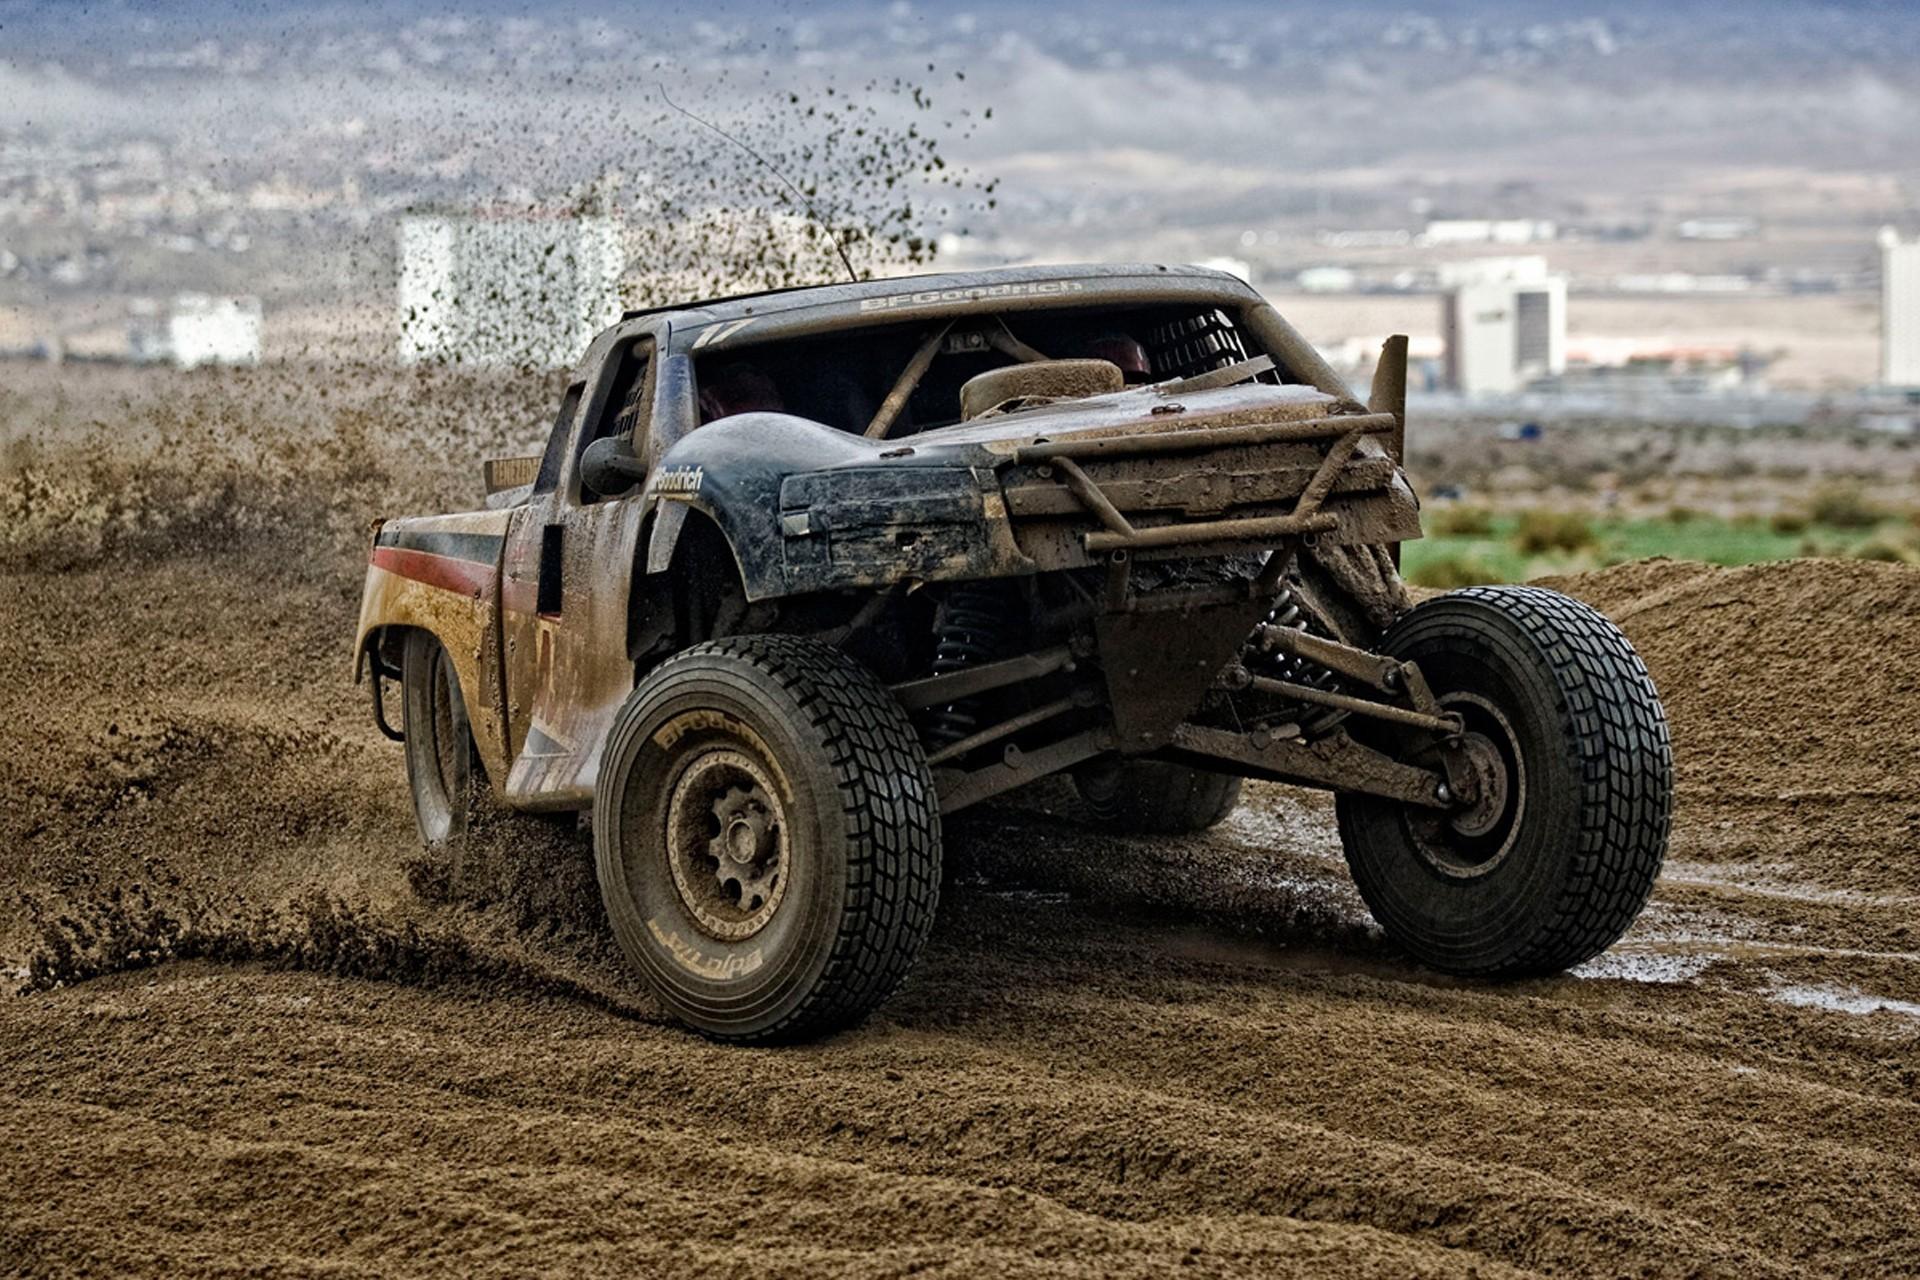 truck hd x wallpaper - photo #16